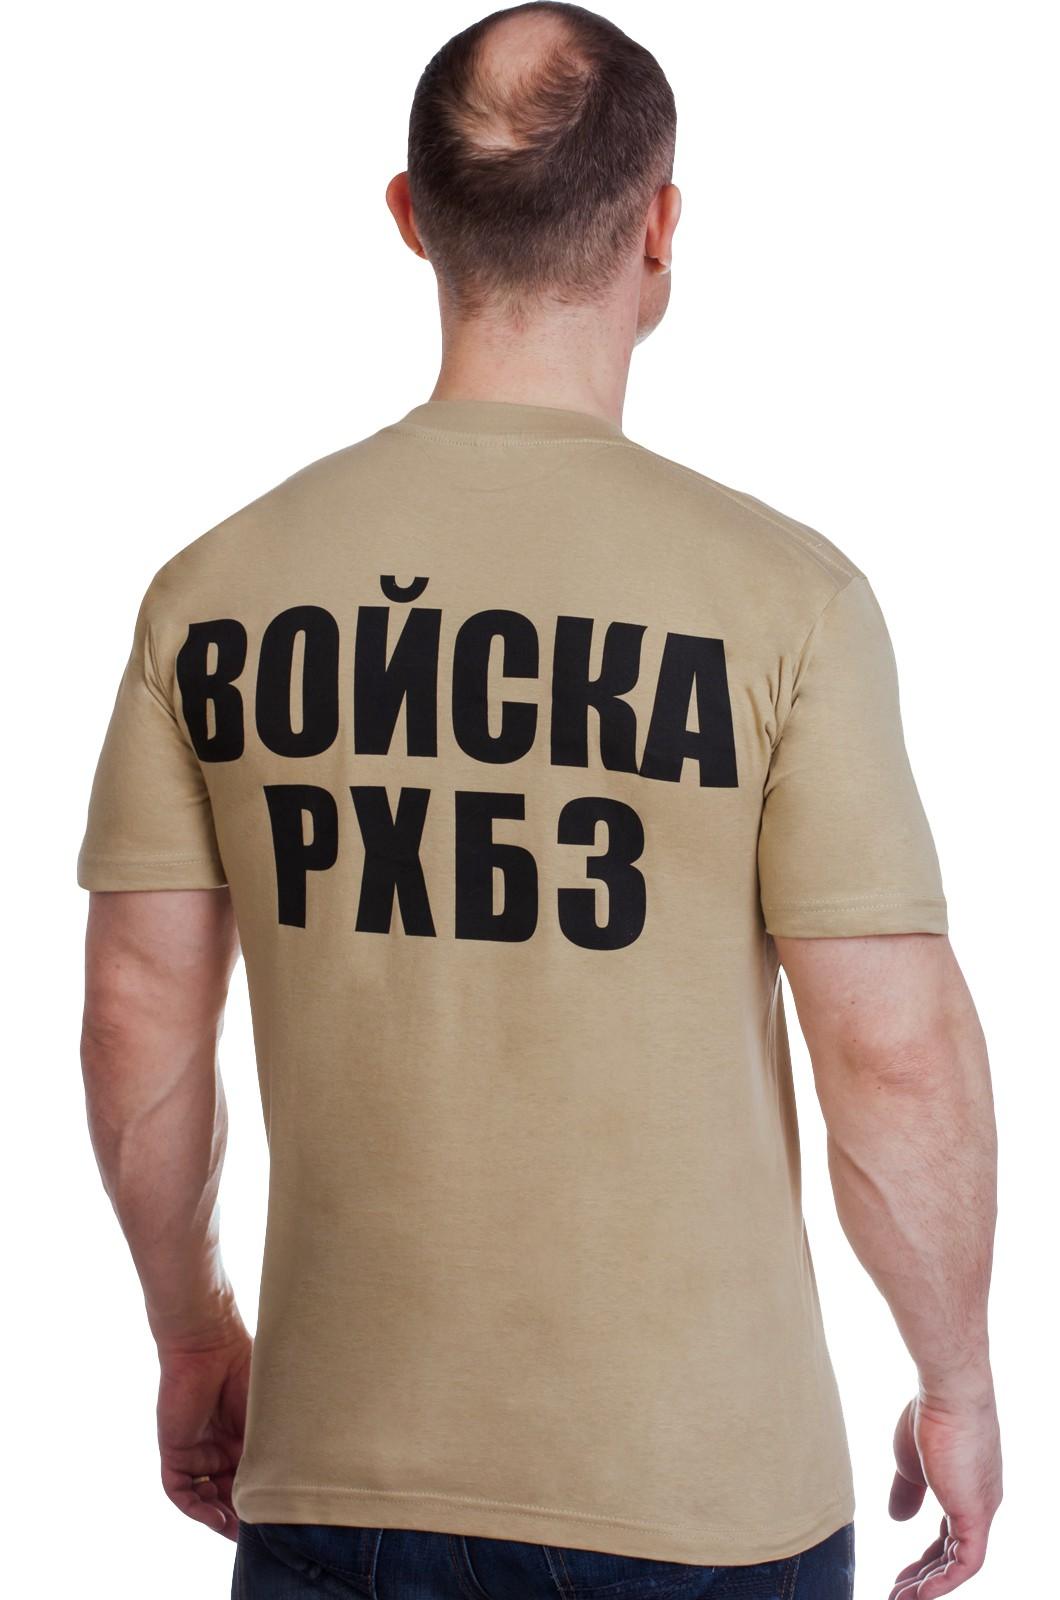 Символика Минобороны России, Сухопутных войск на одежде